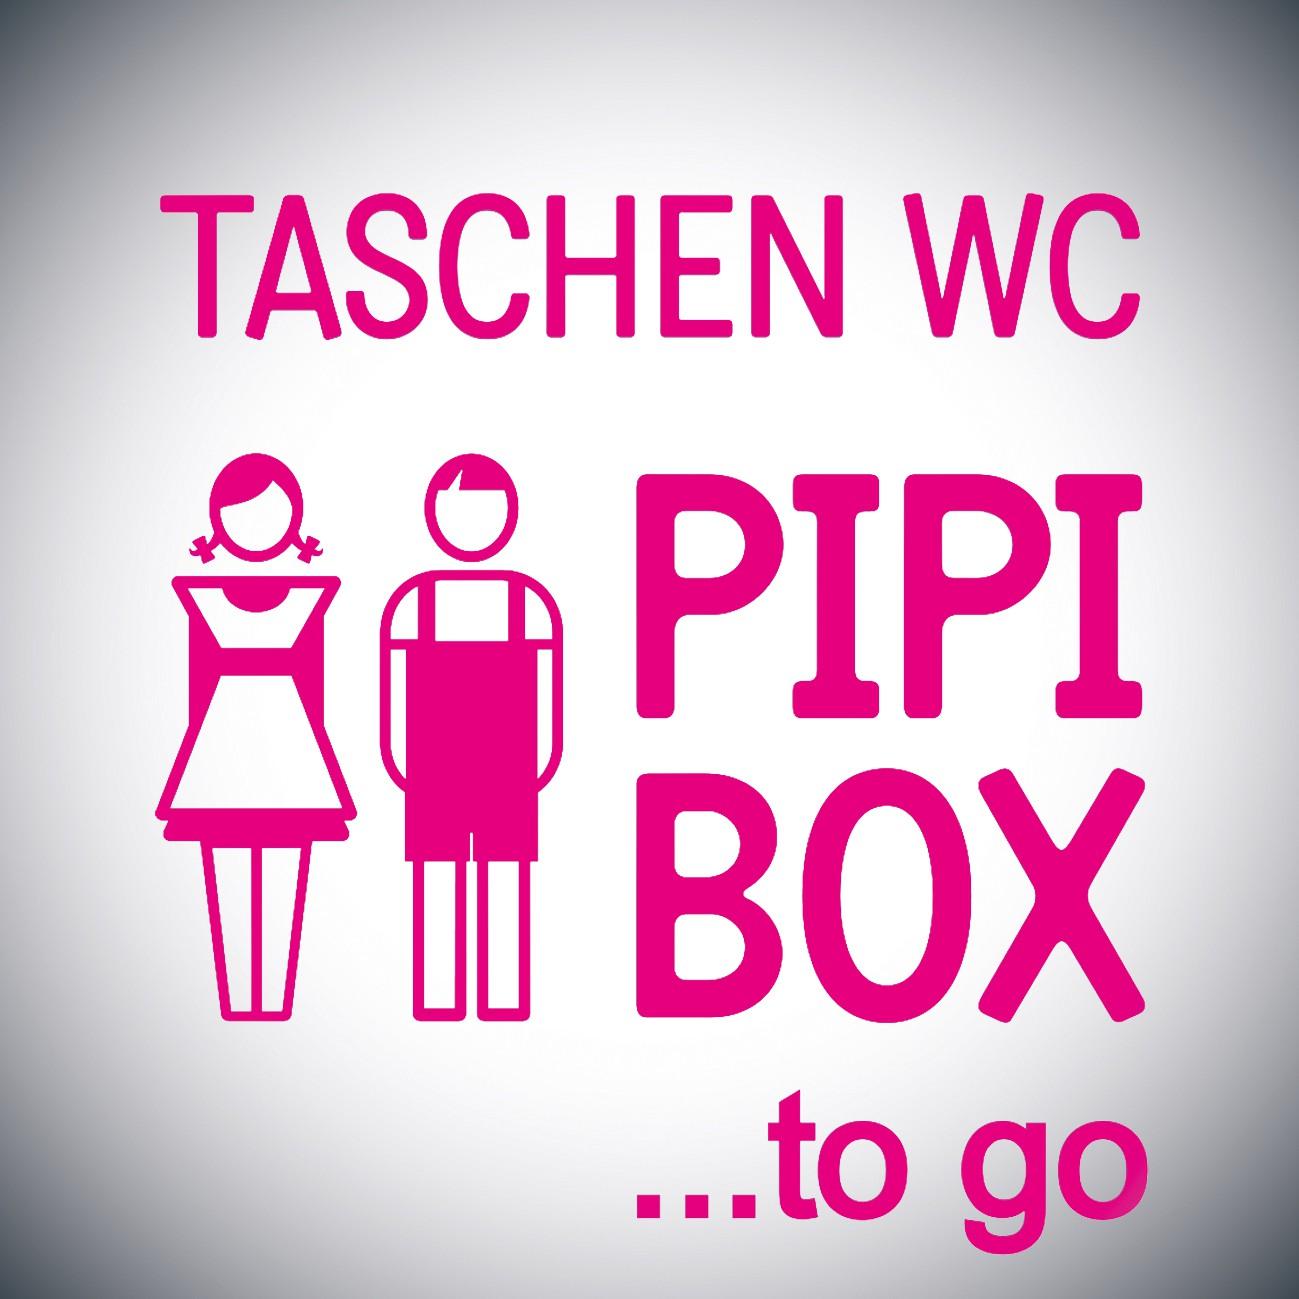 wastebox-Taschen-WC